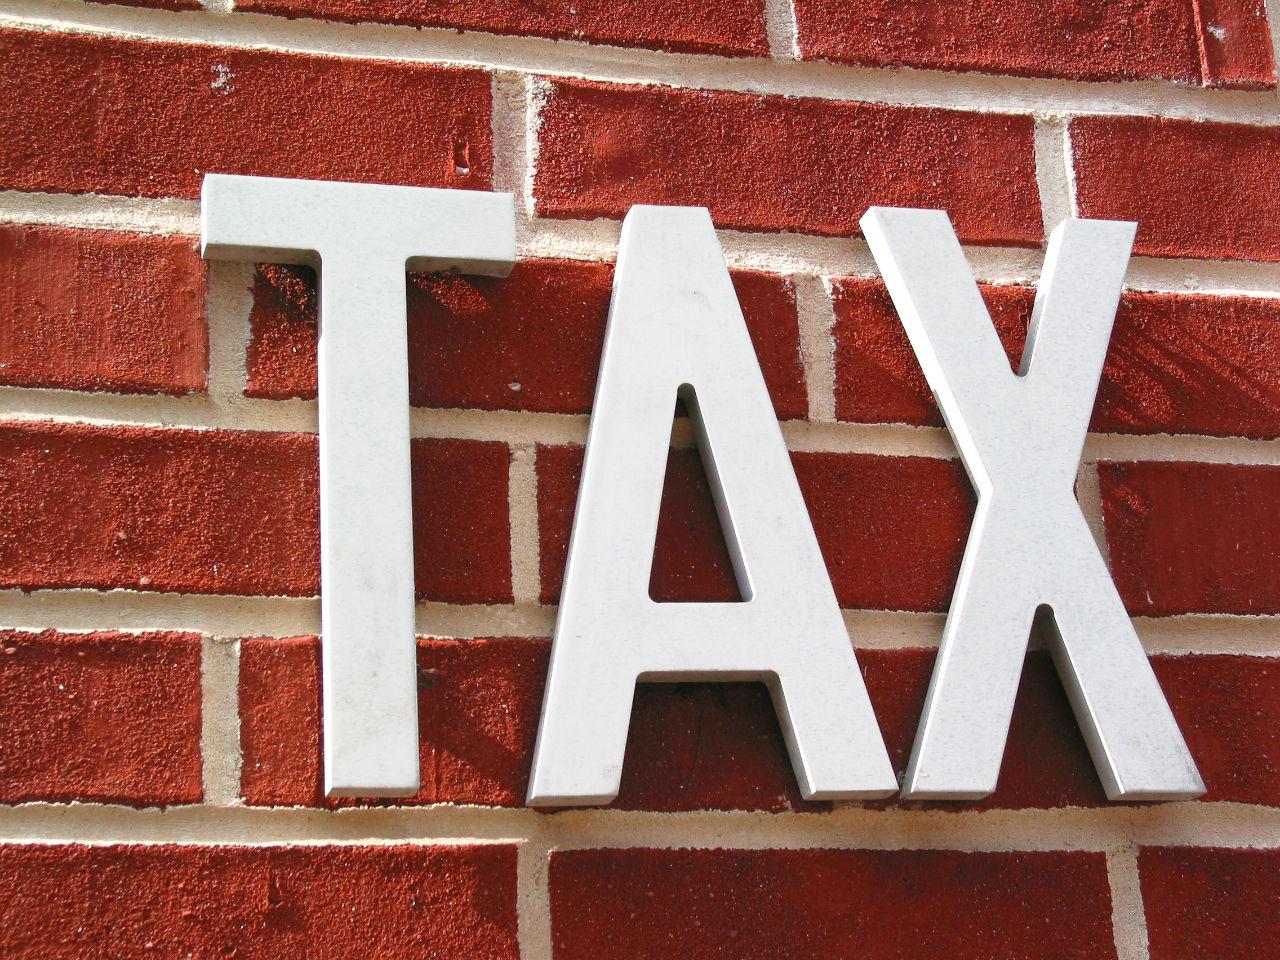 La taxe d'habitation, pour finir l'année en beauté